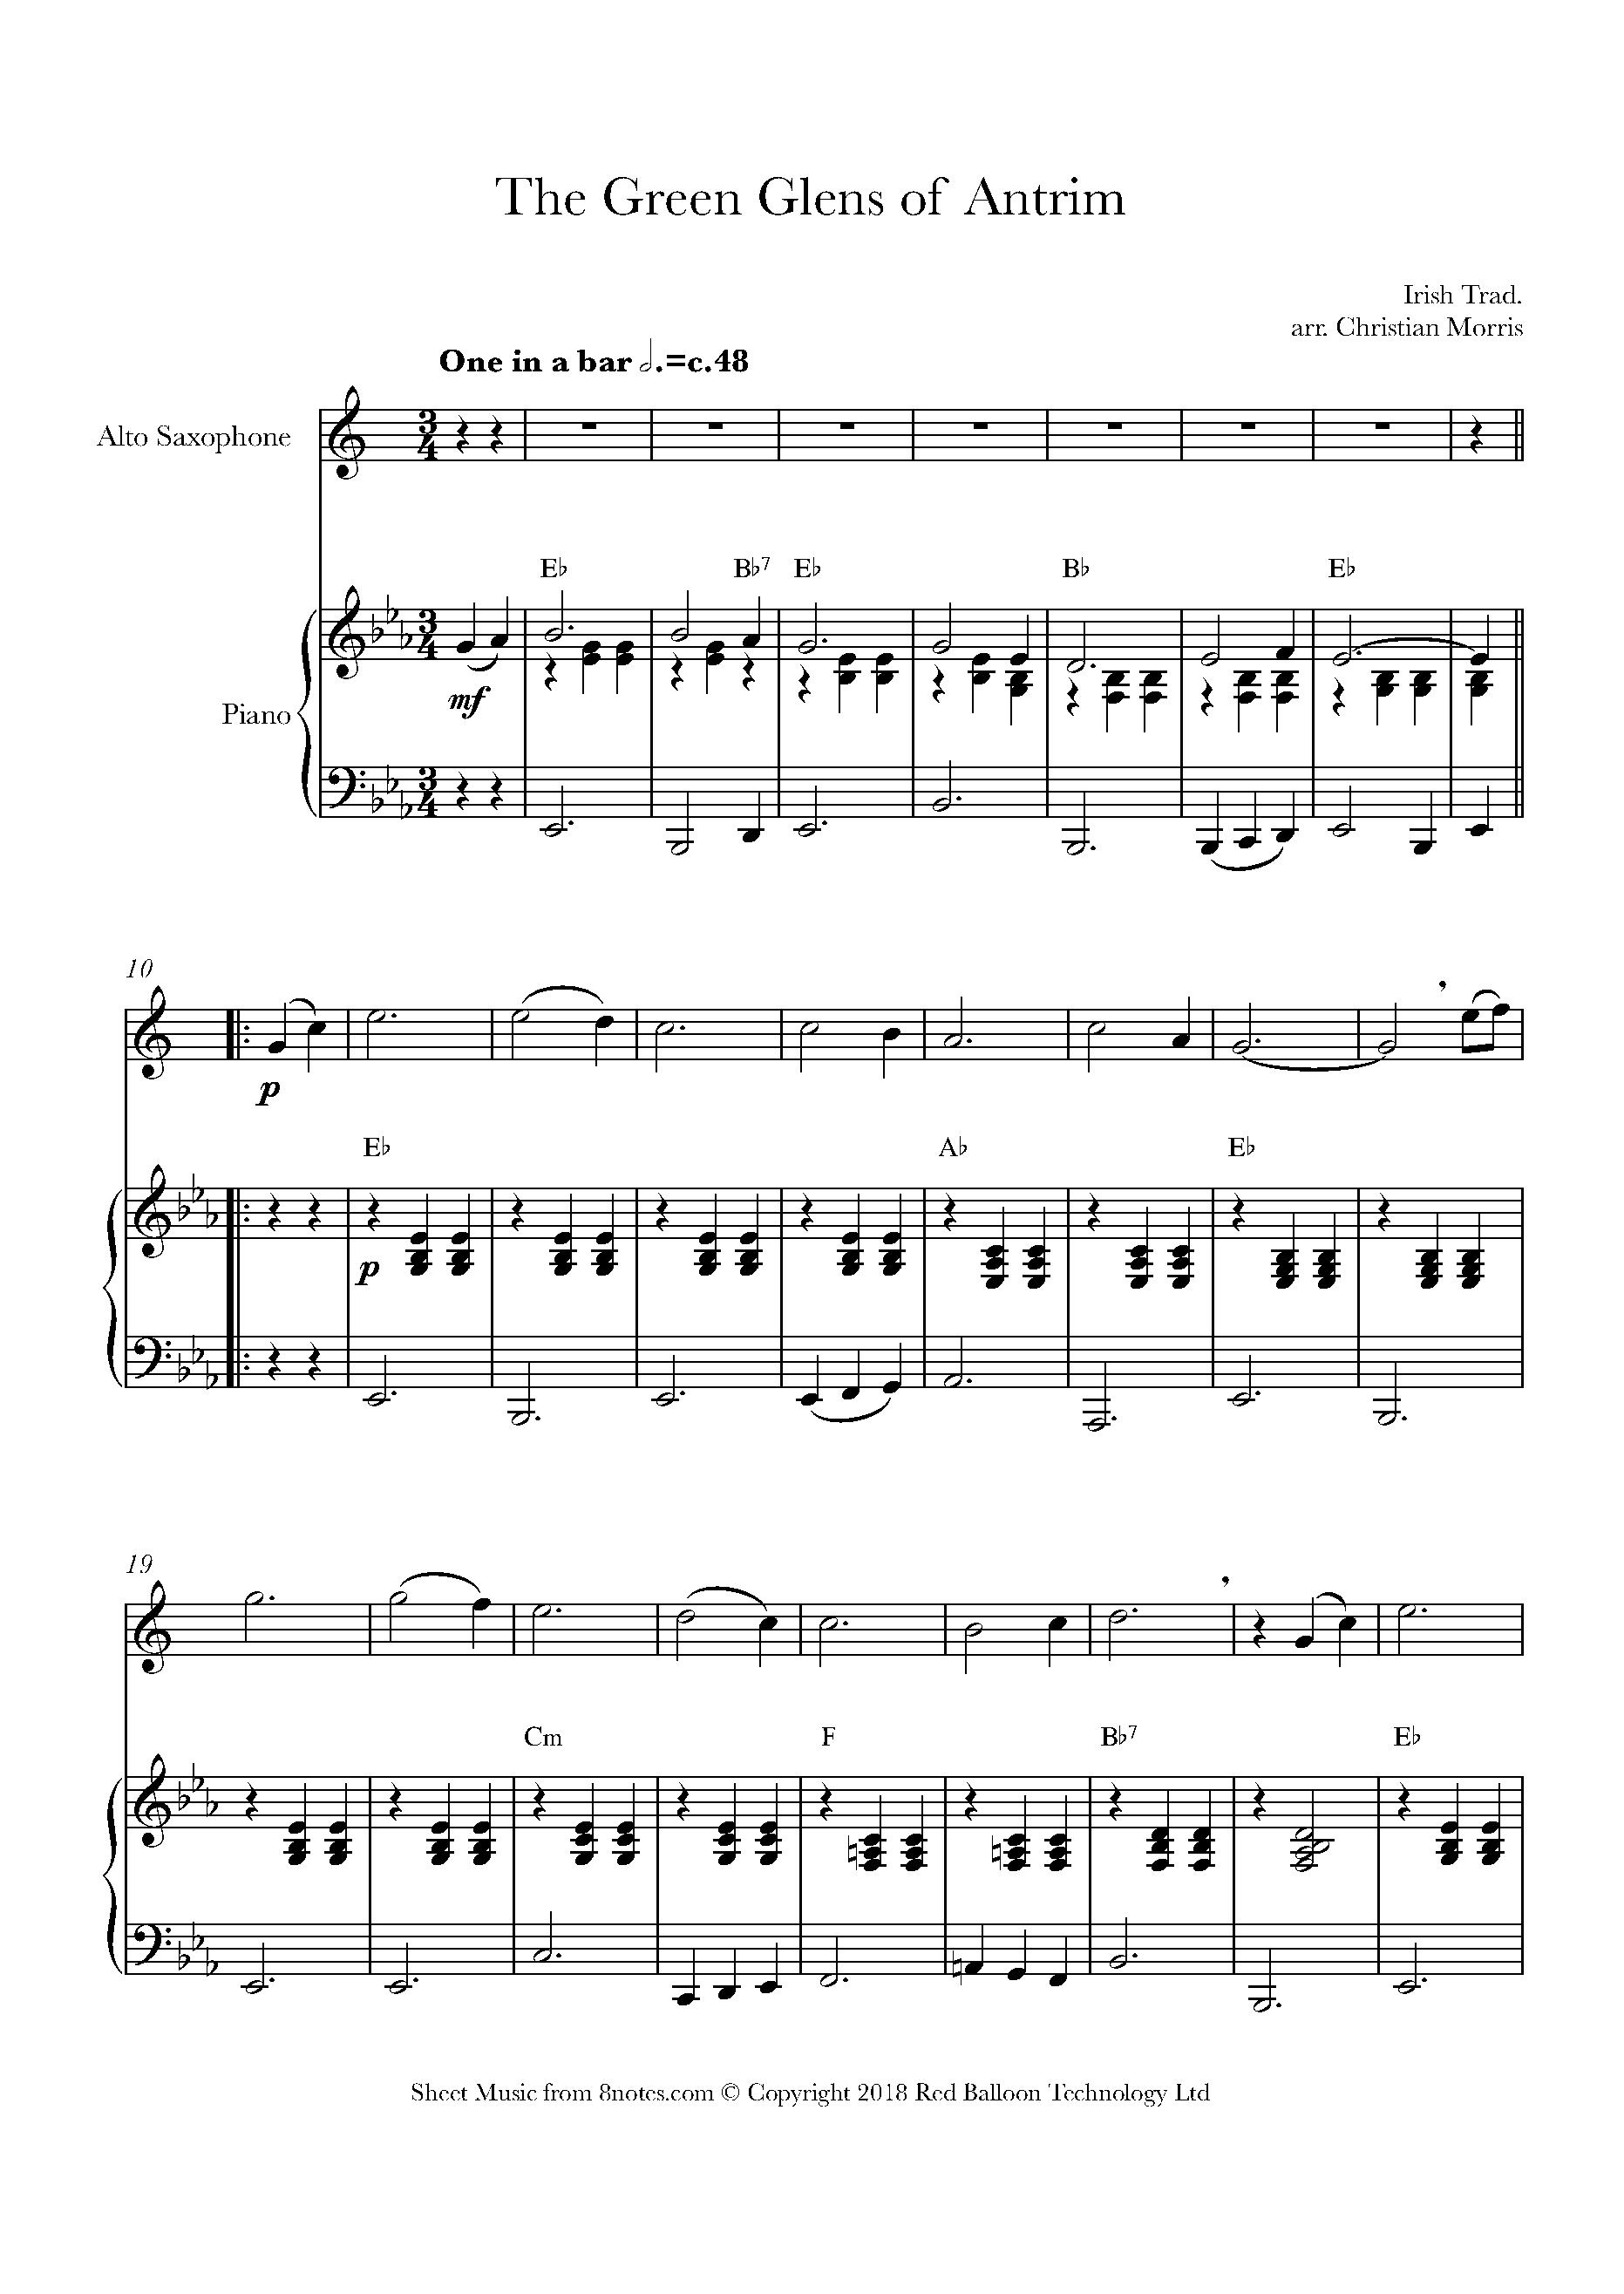 random pick in alto sax